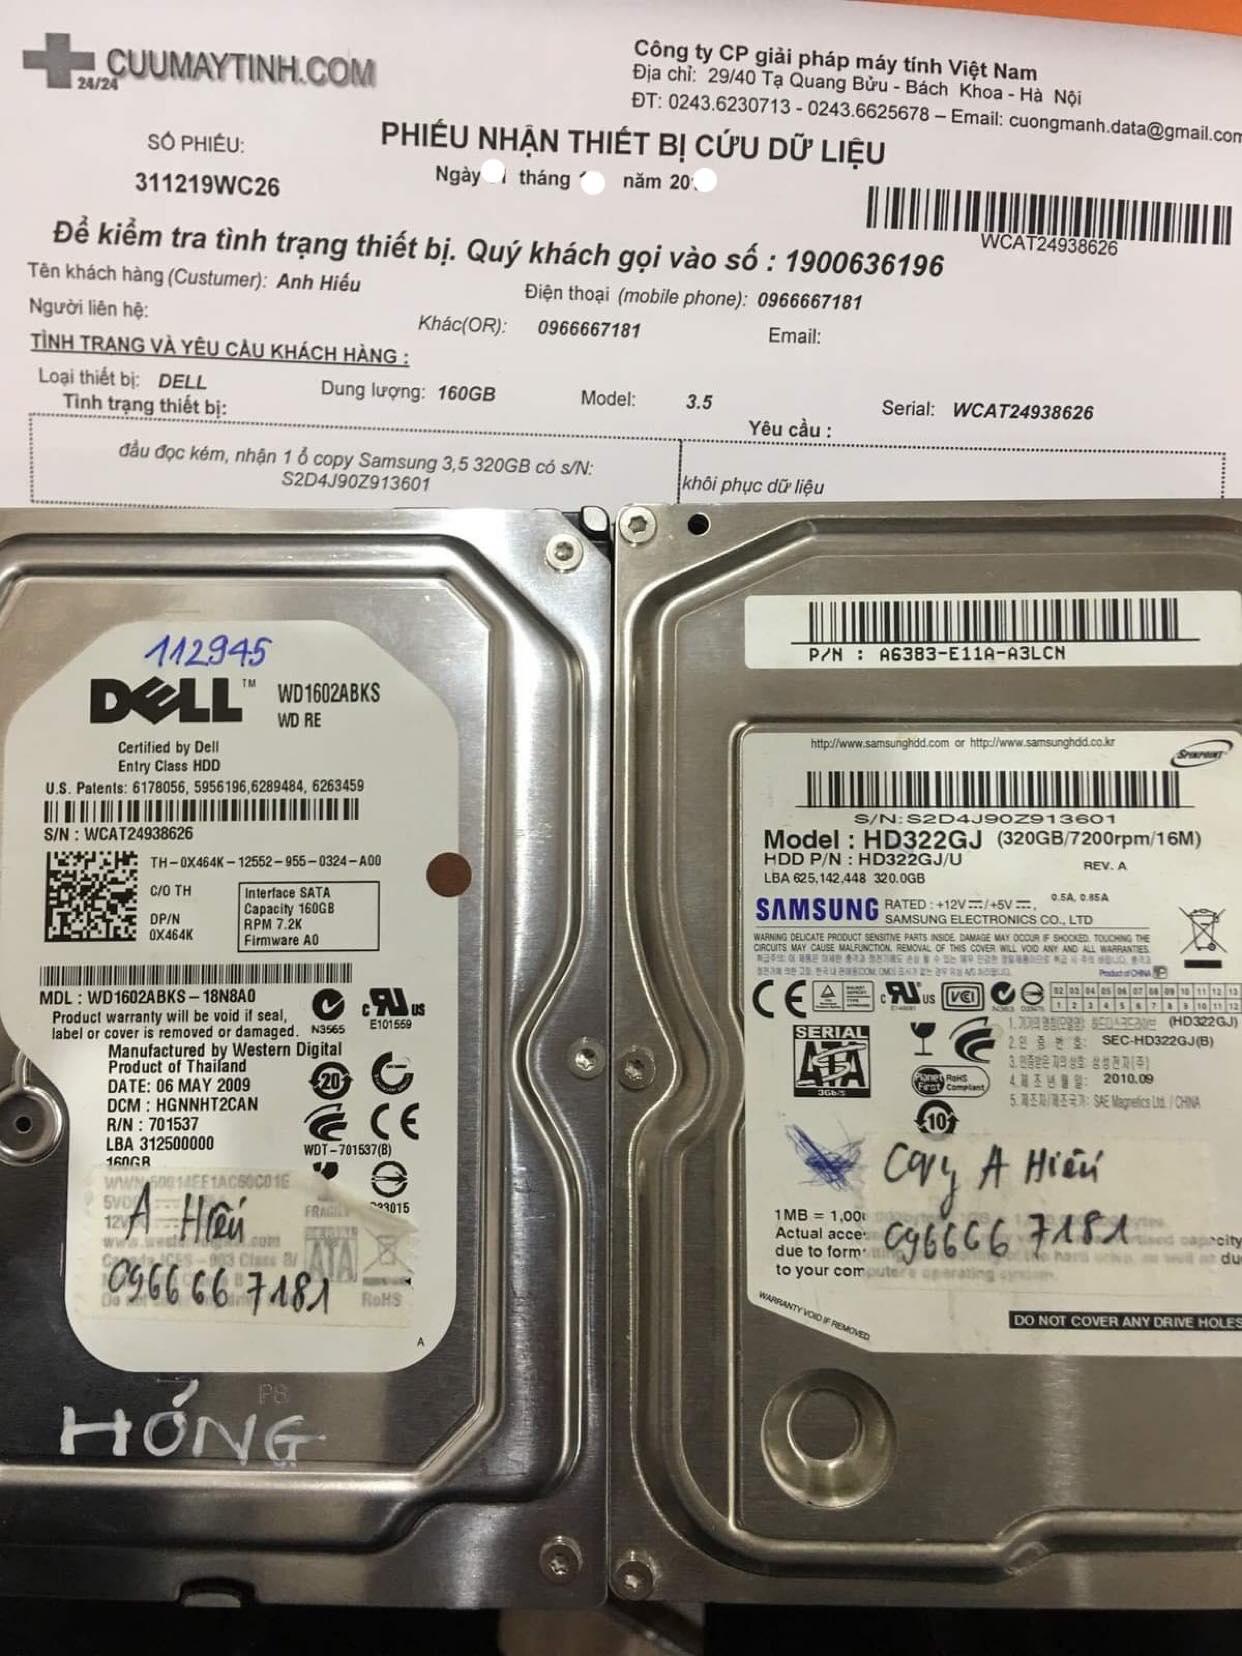 Cứu dữ liệu ổ cứng Western 160GB đầu đọc kém  11/01/2020 - cuumaytinh